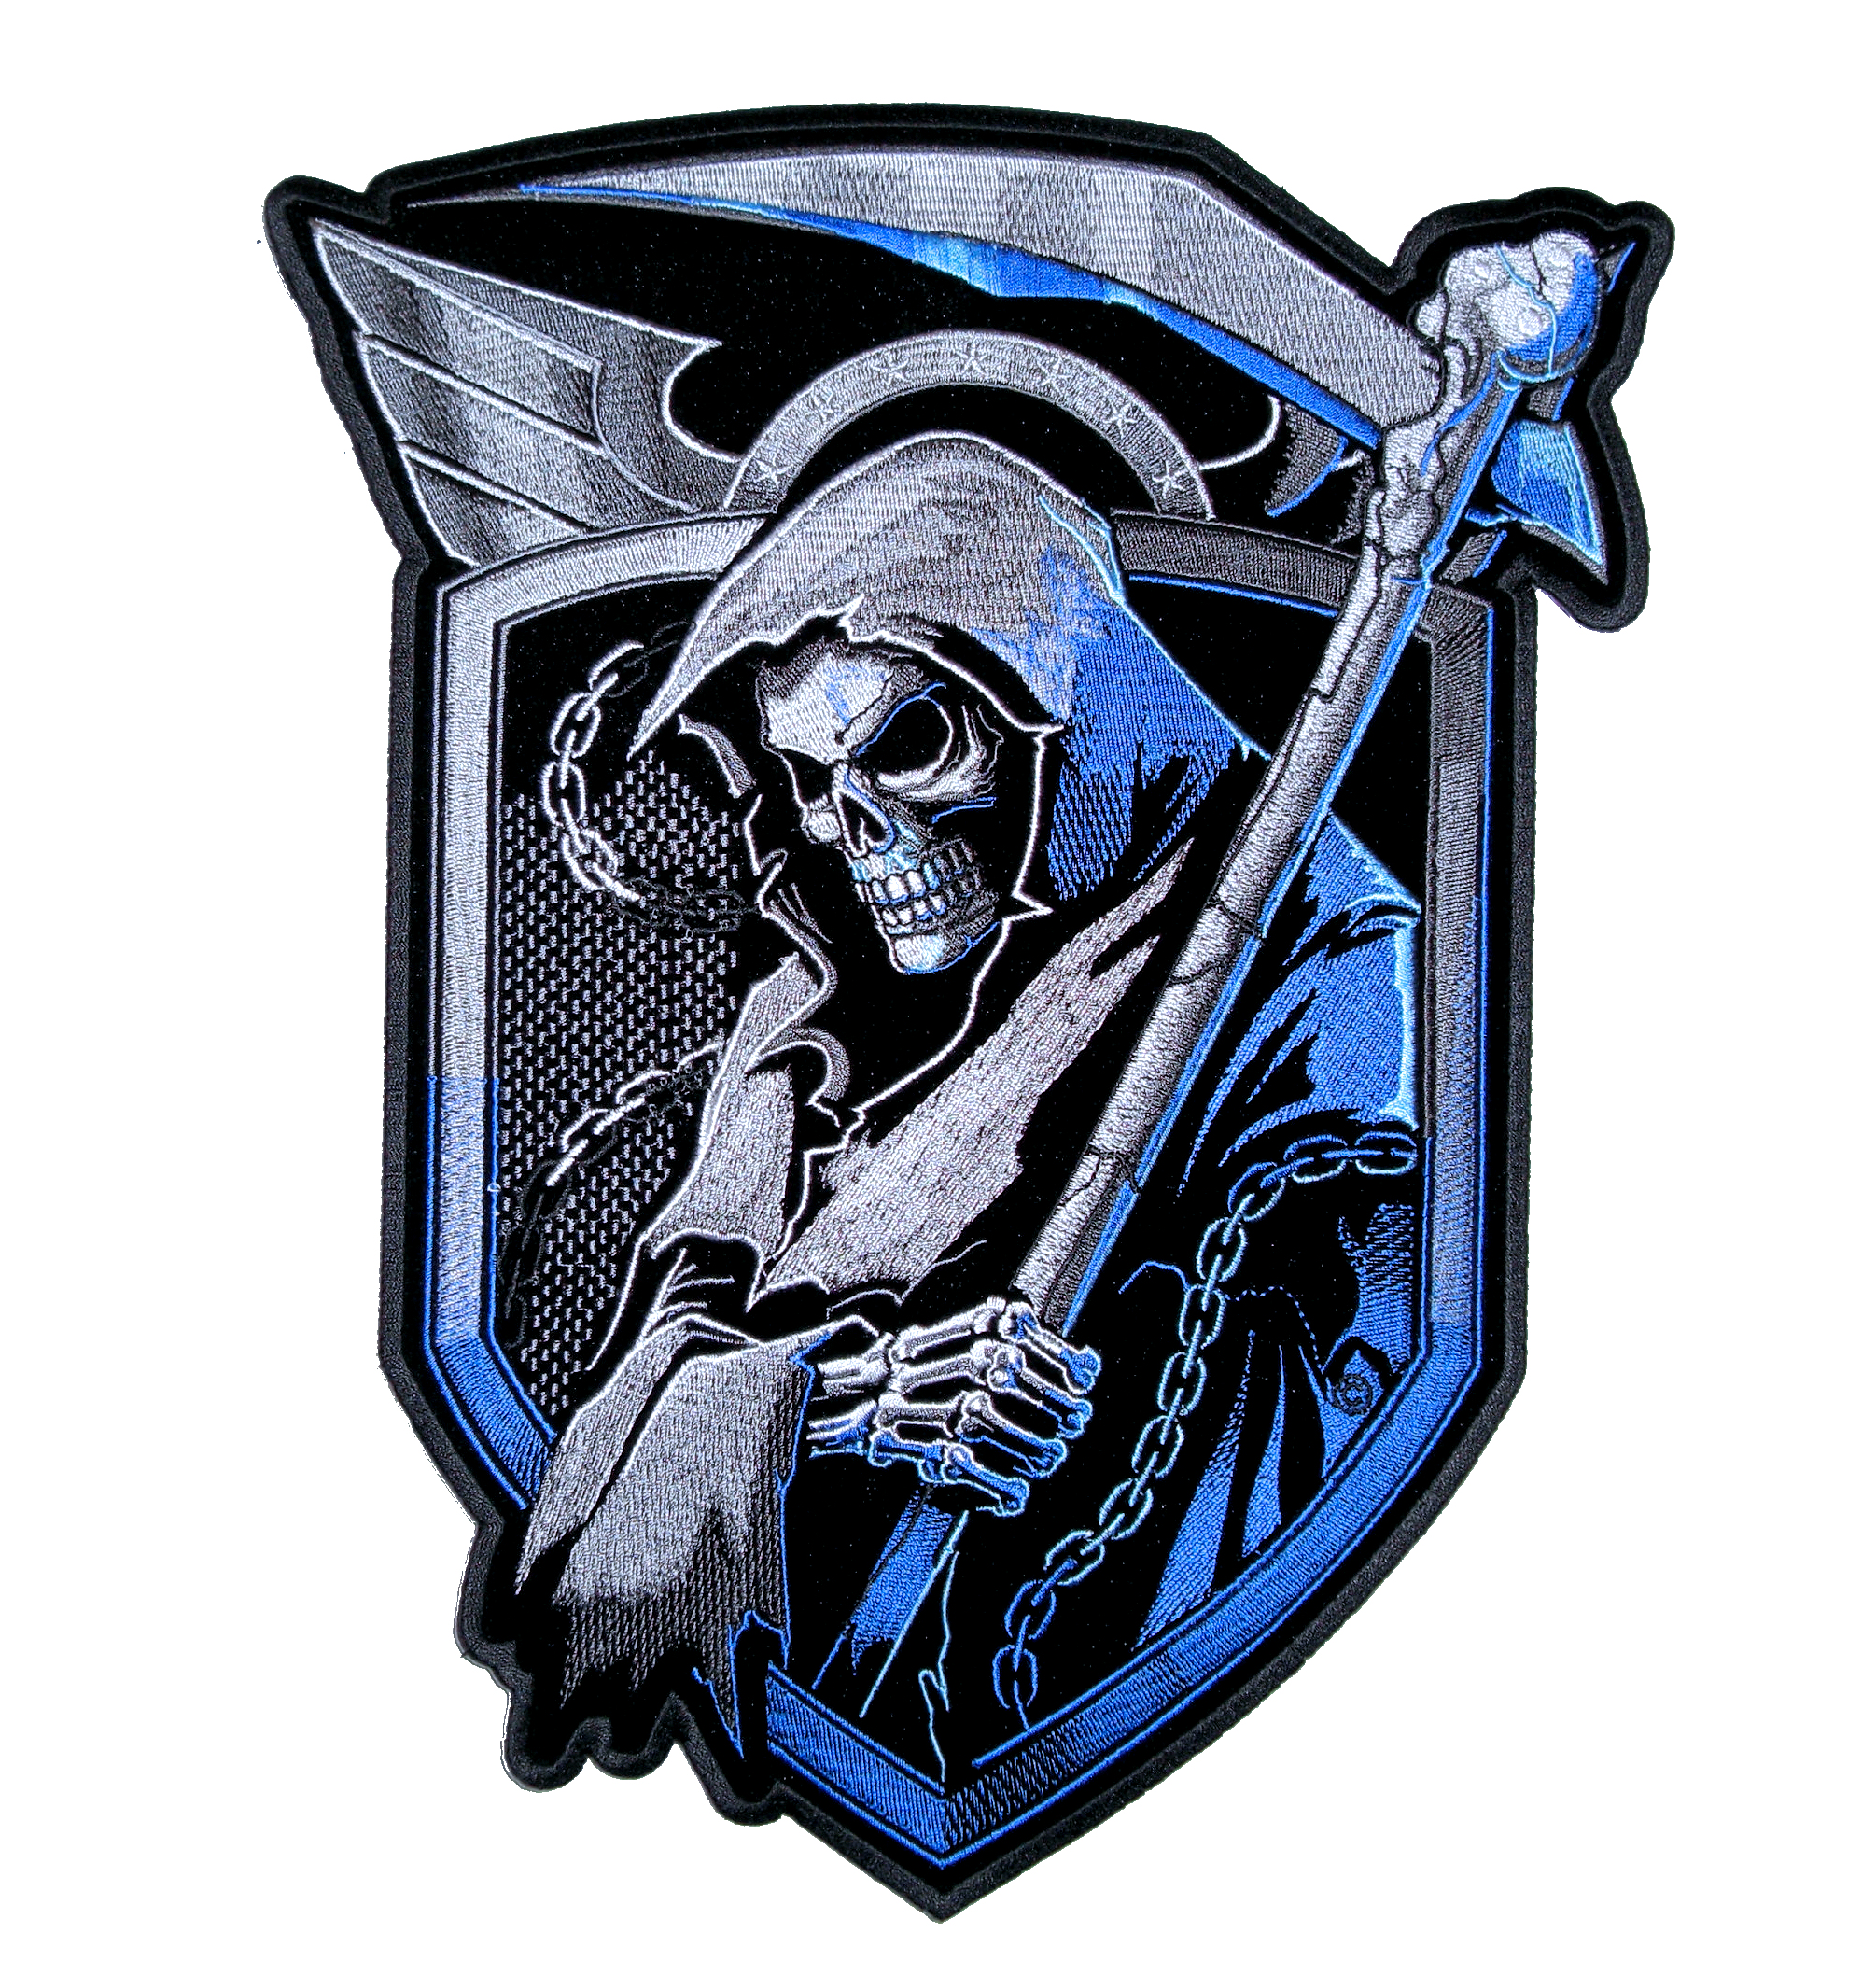 Grim Reaper Patch eBay